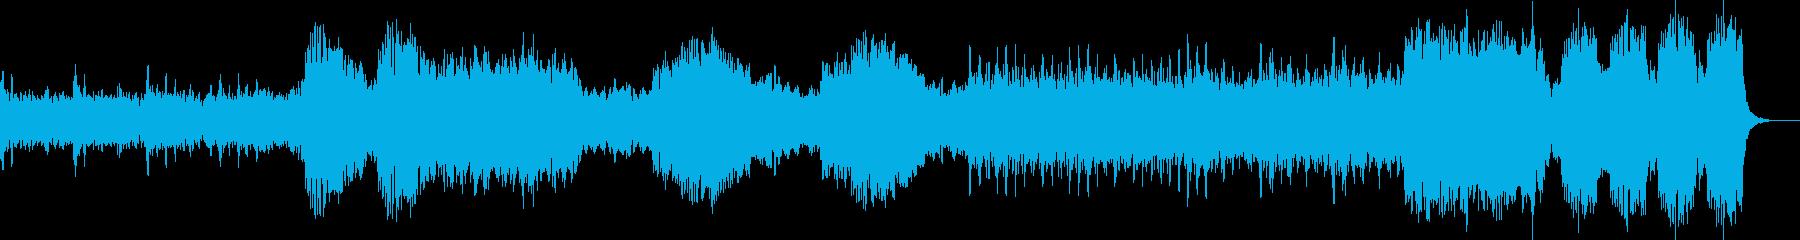 雪の日の神秘的なイメージをオーケストラでの再生済みの波形